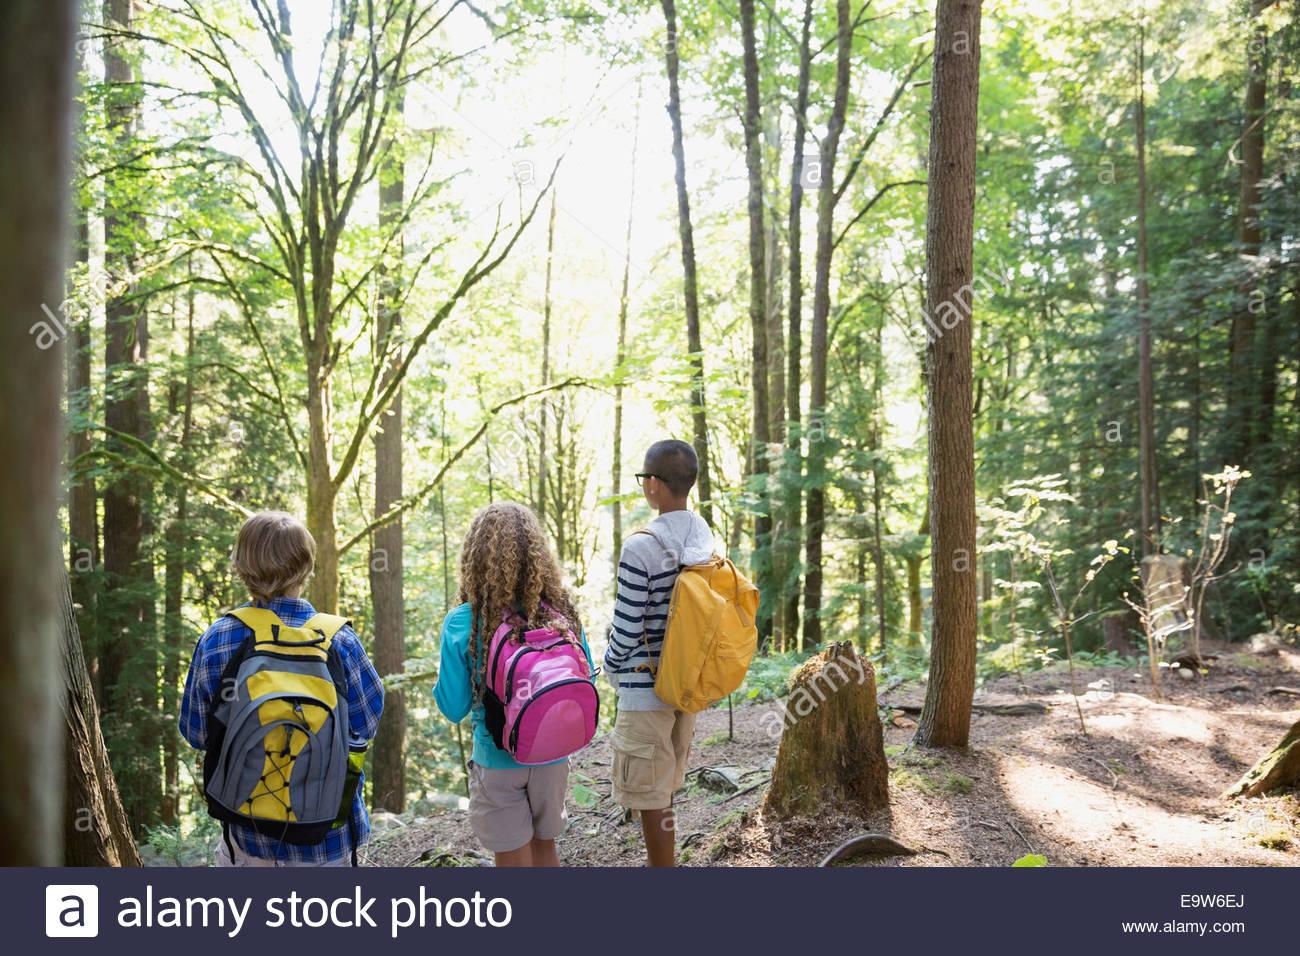 Jungen und Mädchen mit Rucksäcken, Wandern im Wald Stockbild